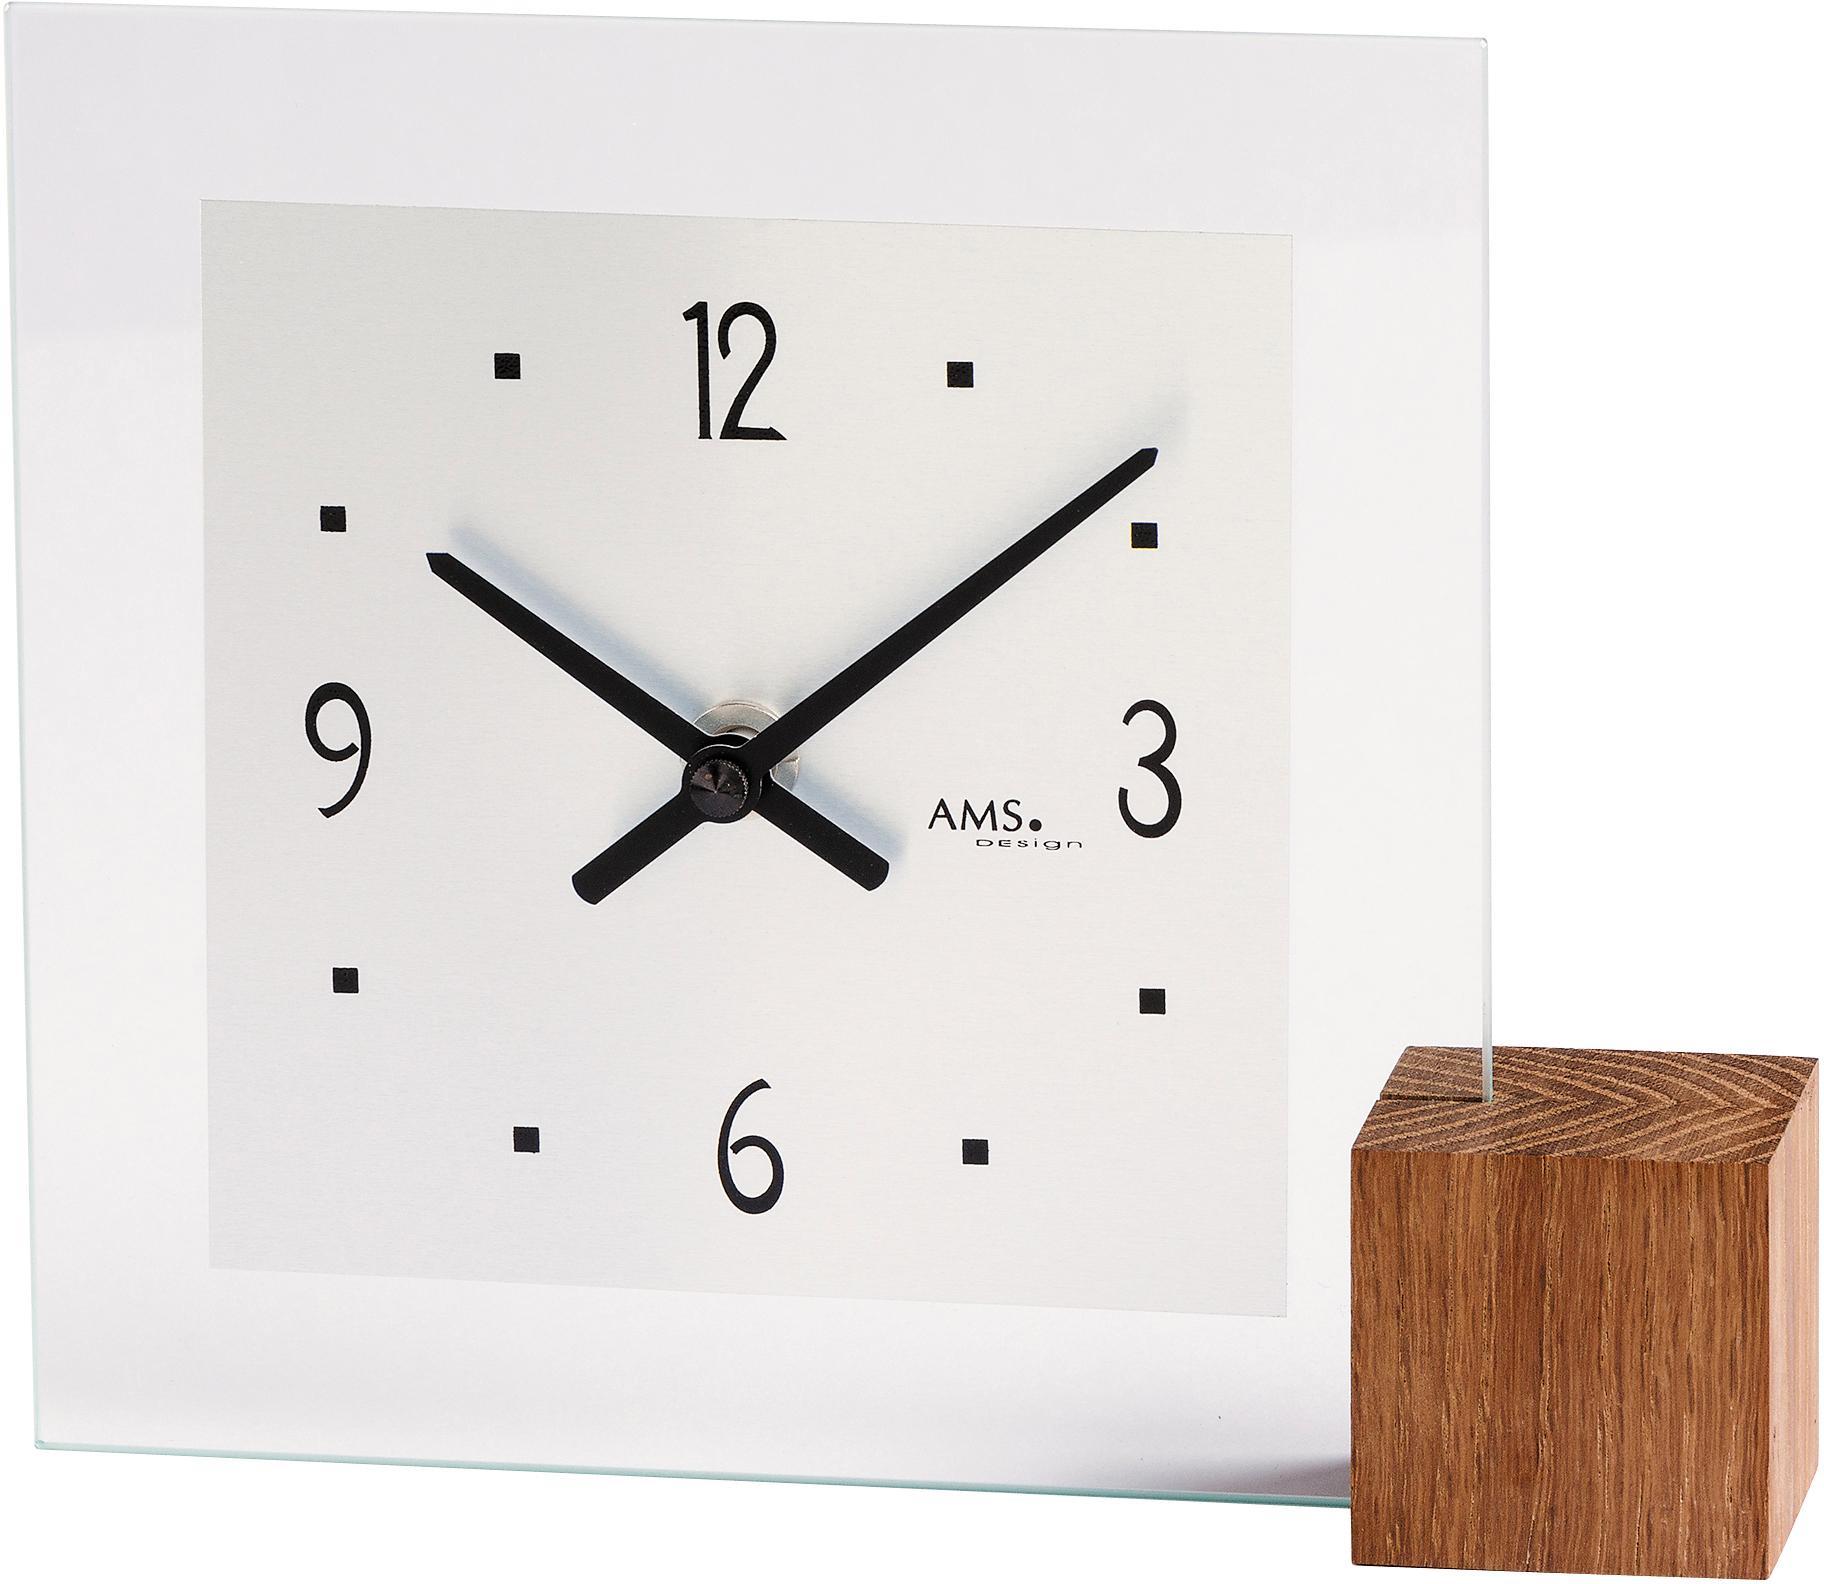 AMS Tischuhr T104   Dekoration > Uhren > Standuhren   Braun   Ams